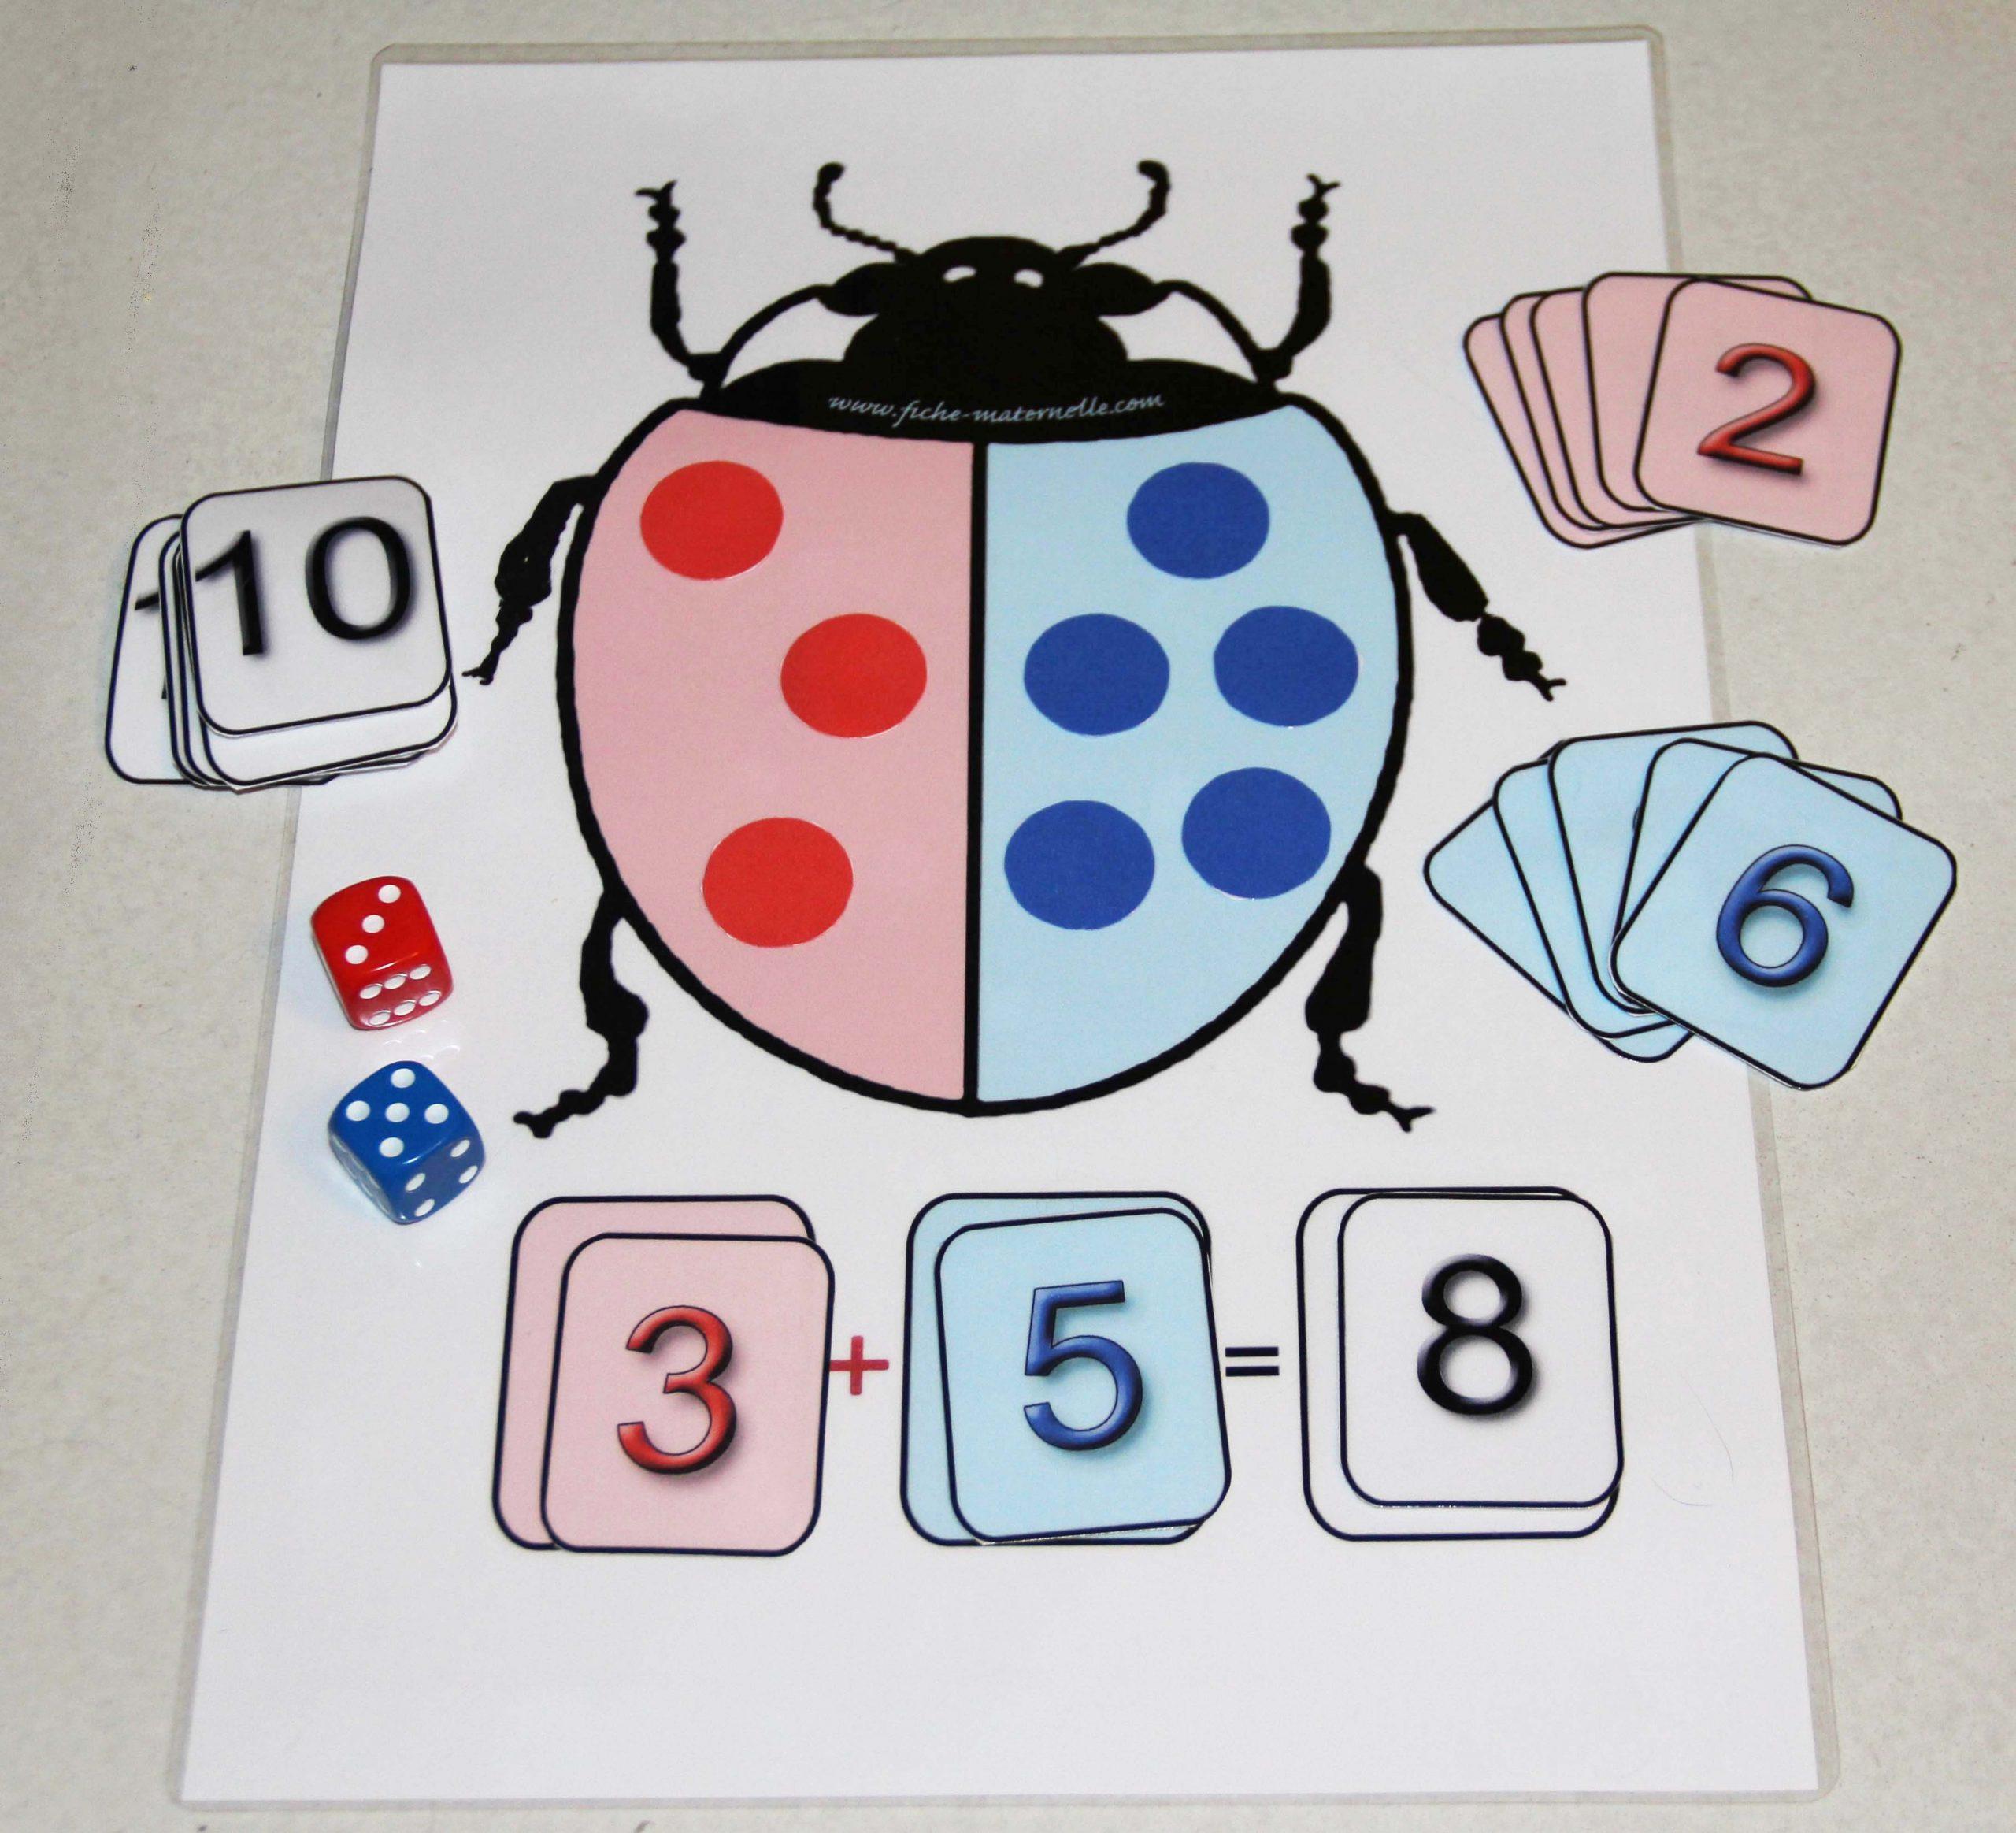 Jeux Mathématiques Pour Introduire L'addition pour Addition Maternelle